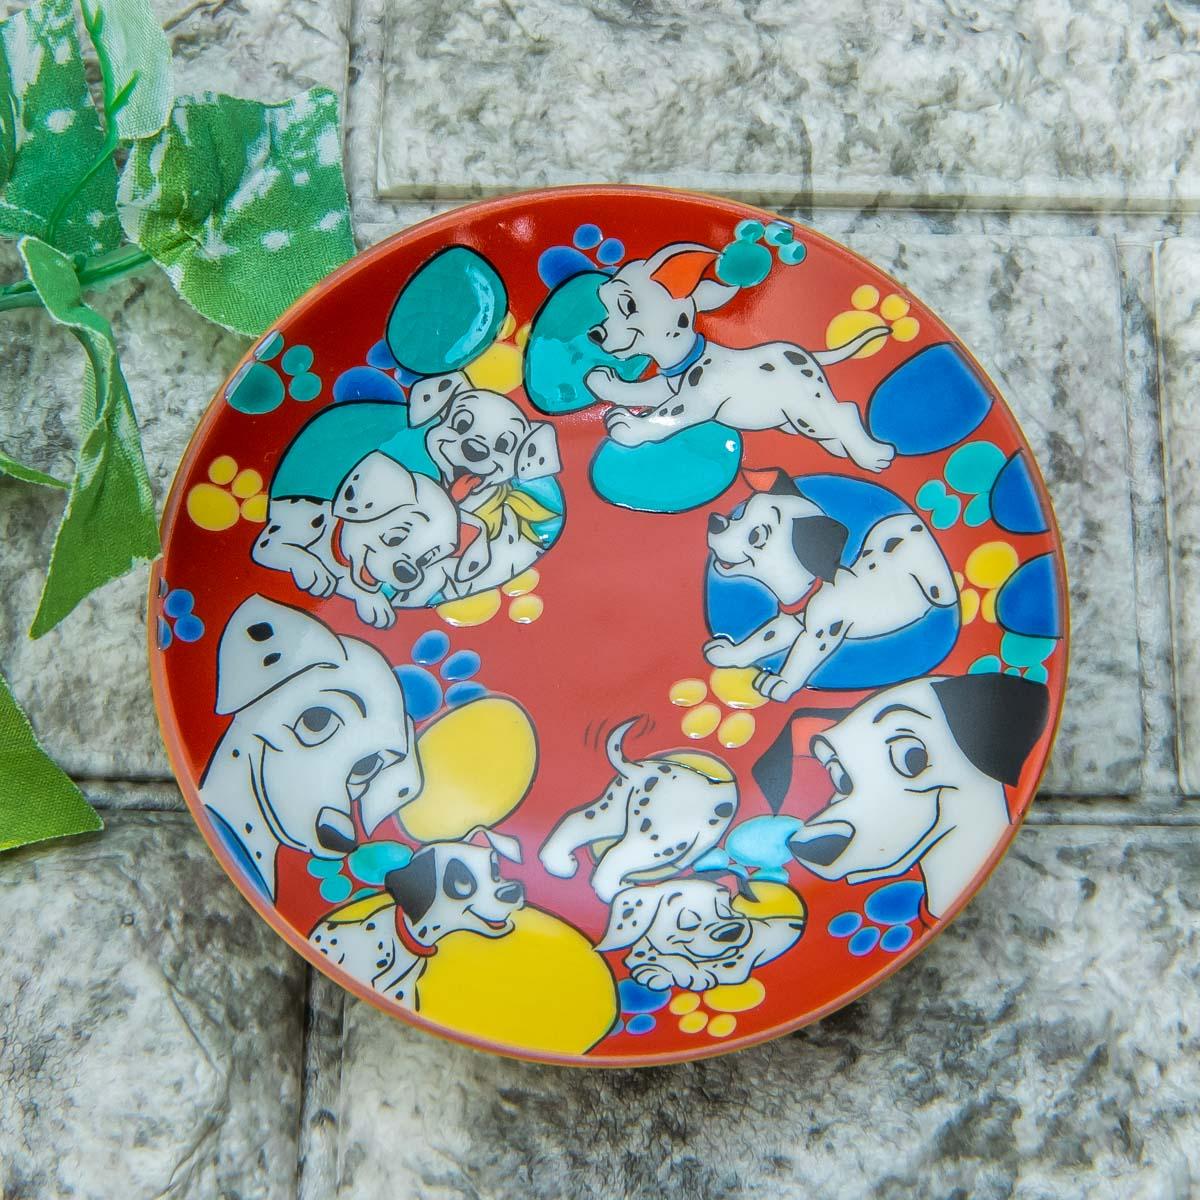 Disney Classics MARKET(ディズニー クラシックス マーケット)「九谷焼豆皿セット」101匹わんちゃん